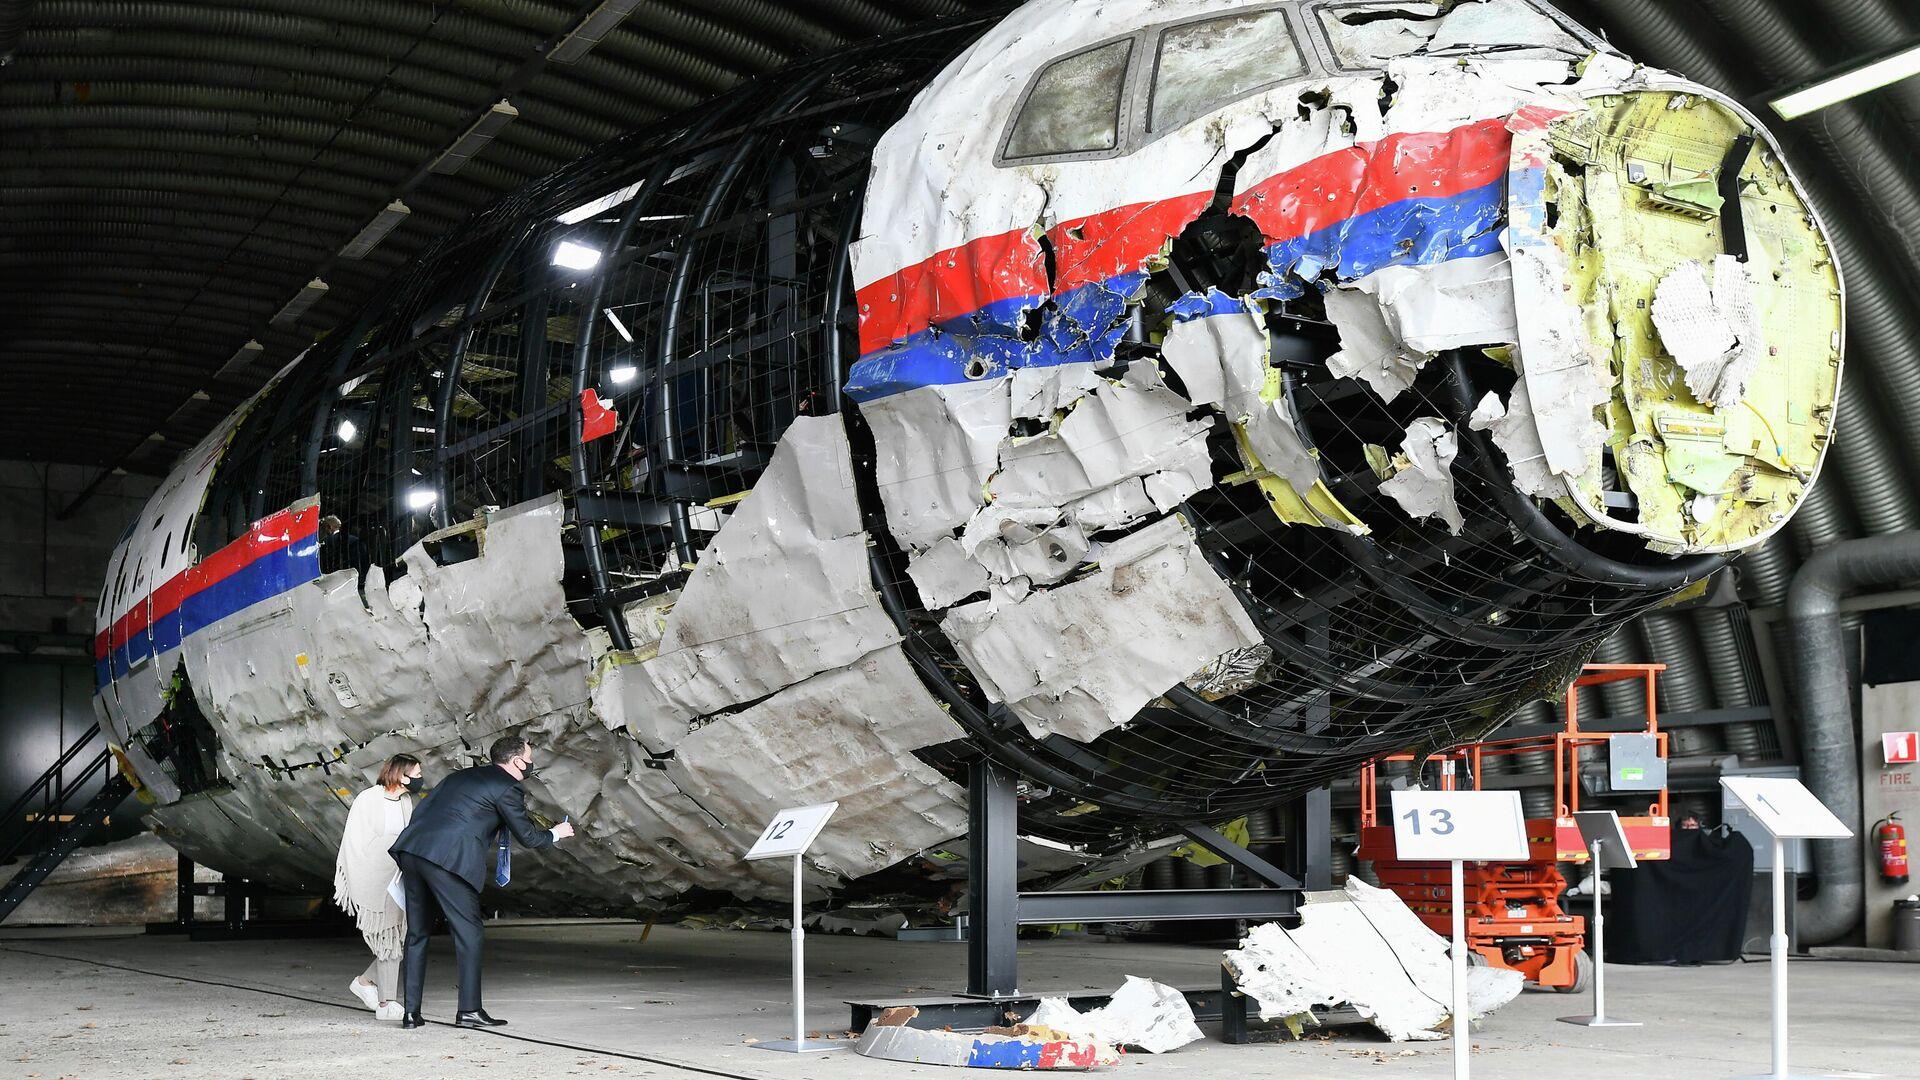 Реконструированные обломки рейса MH17 авиакомпании Malaysia Airlines на авиабазе Гильзе-Рейен, Нидерланды - РИА Новости, 1920, 02.08.2021